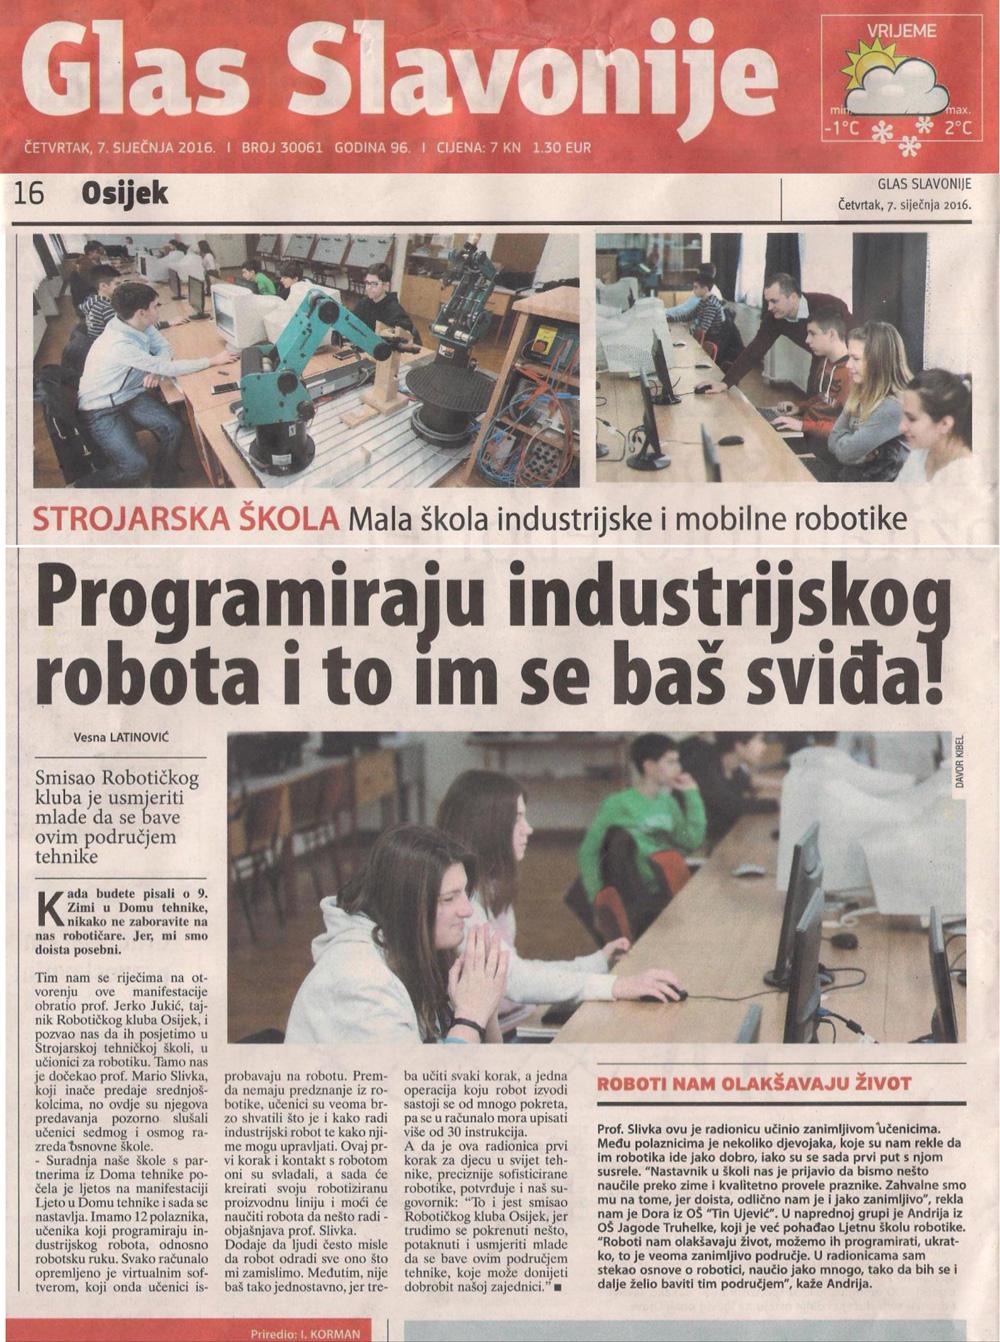 RIK Osijek i HROBOS u Glasu Slavonije